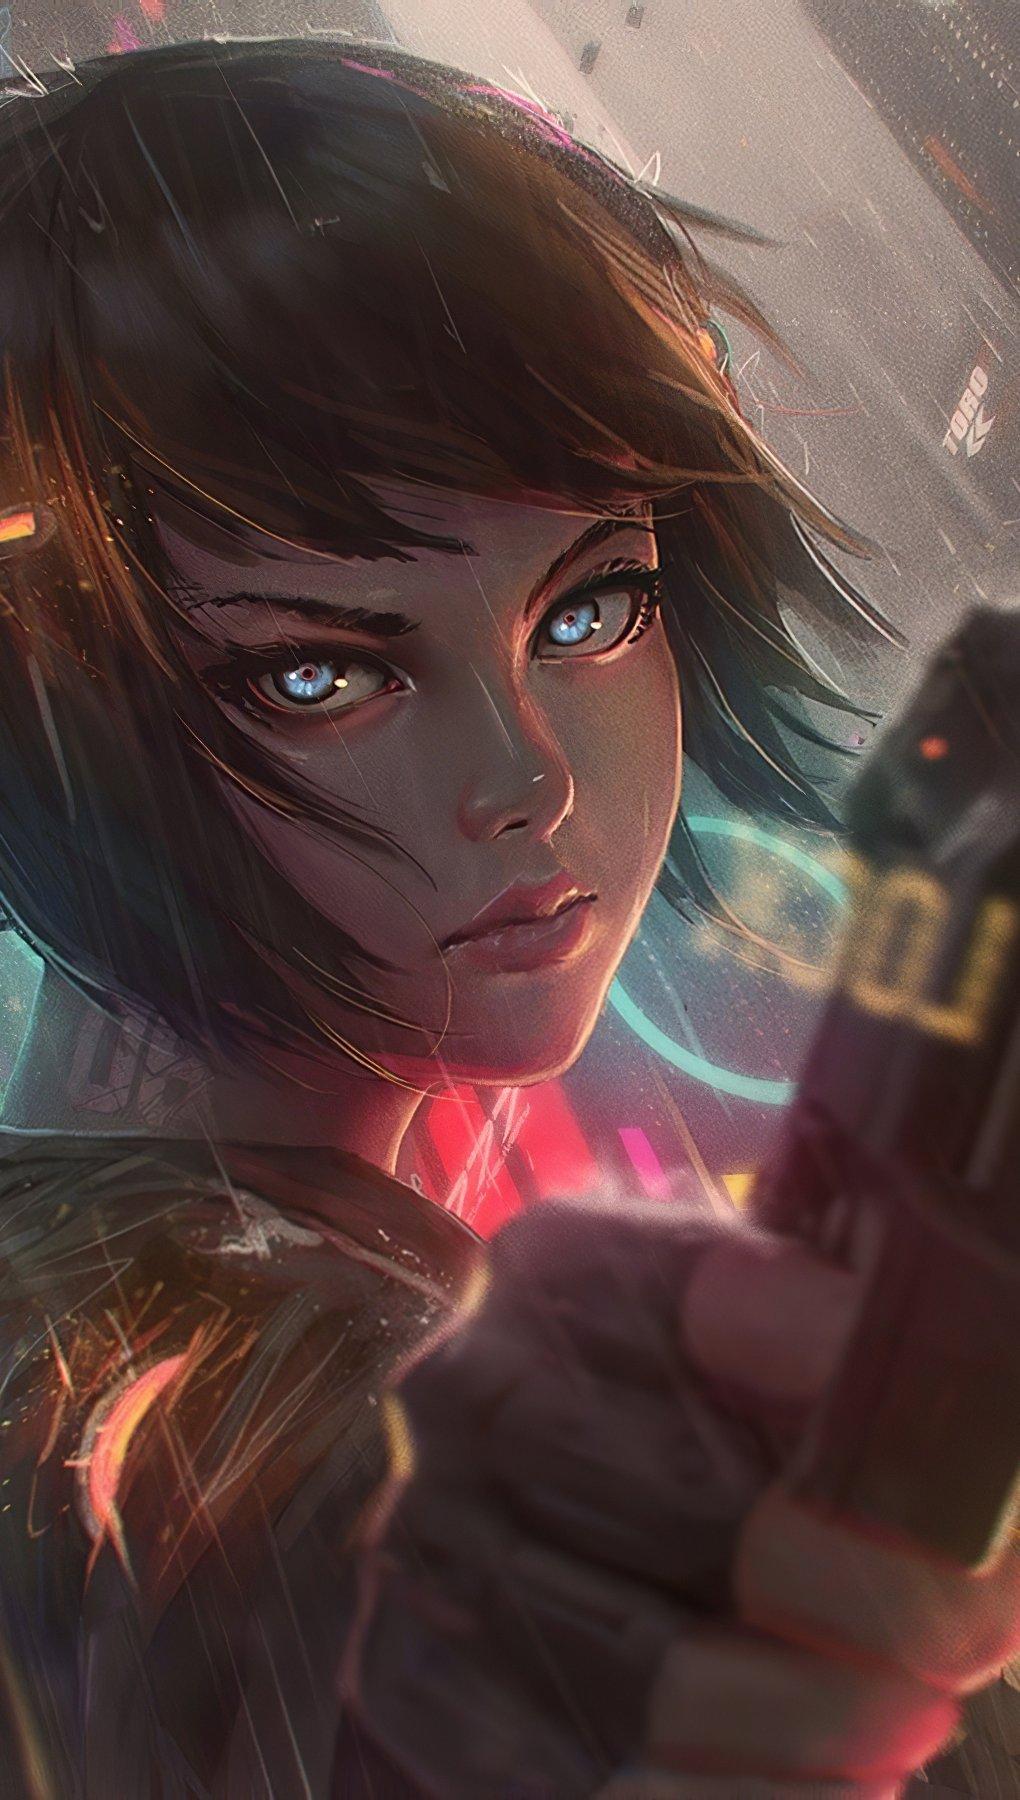 Fondos de pantalla Chica con cabello corto lista para disparar estilo anime Vertical